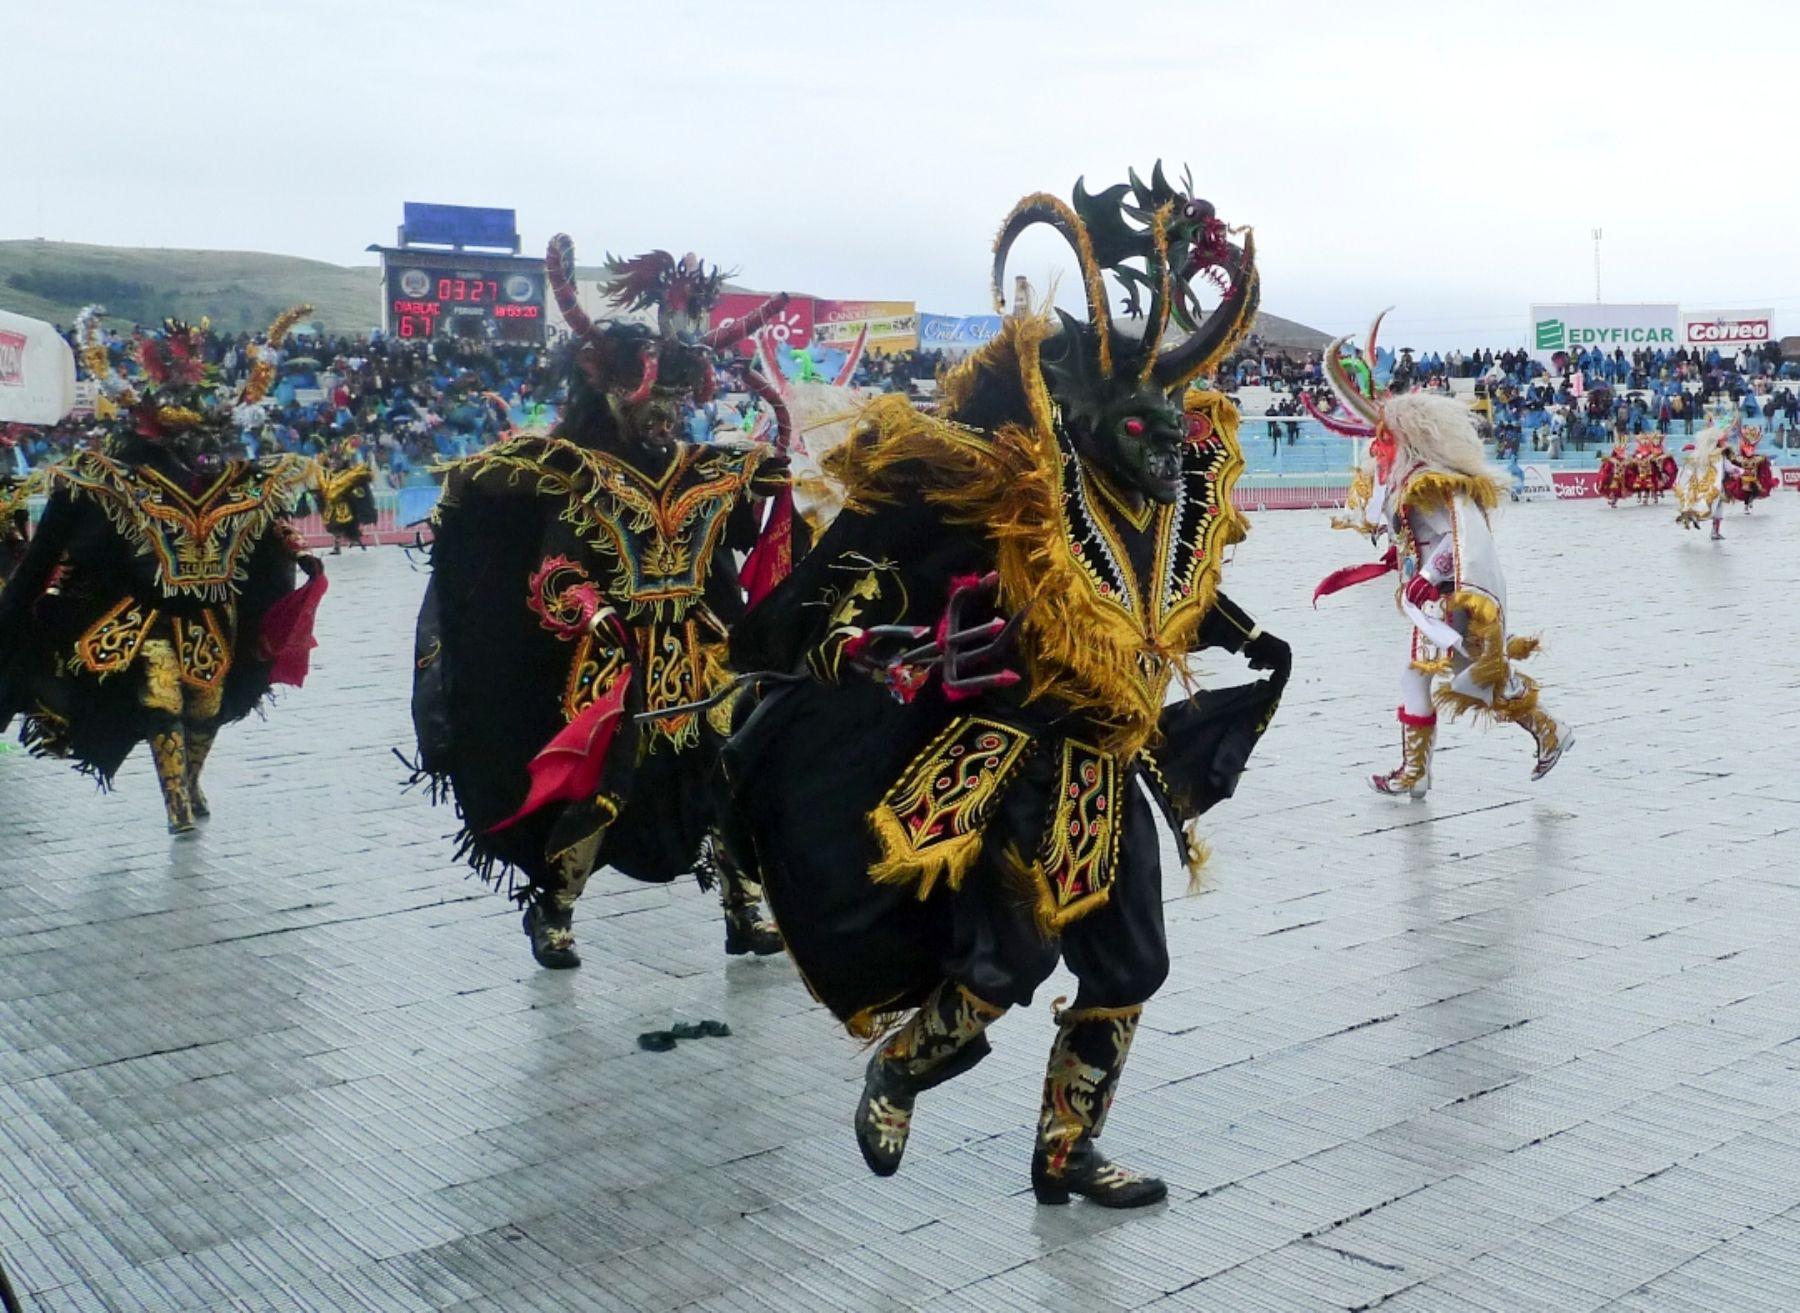 La festividad de la Virgen de la Candelaria de Puno es una de las principales fiestas tradicionales del Perú.